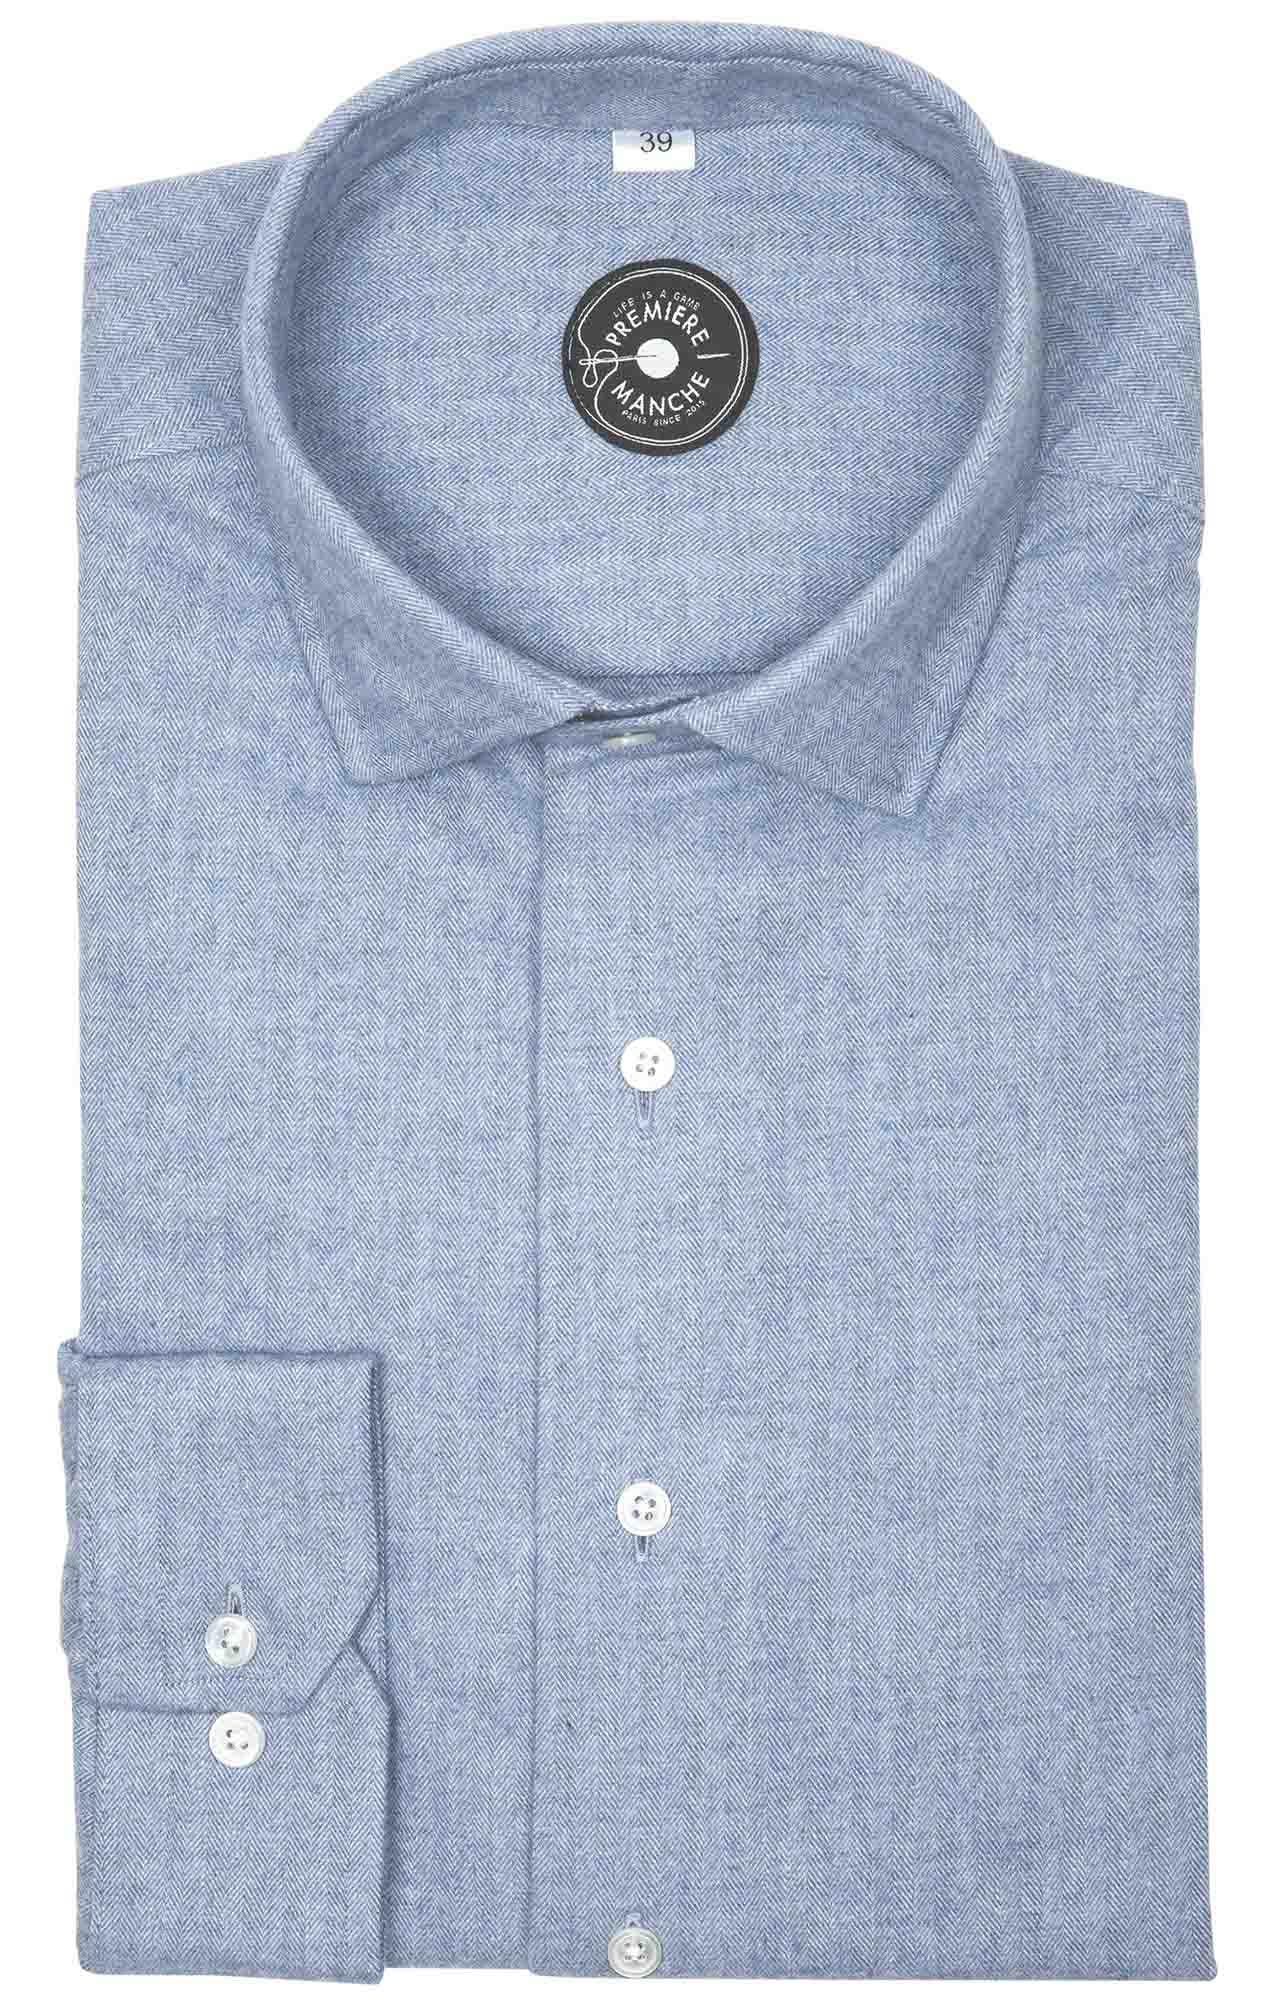 Chemise flanelle bleu clair Italie Chemises flanelles